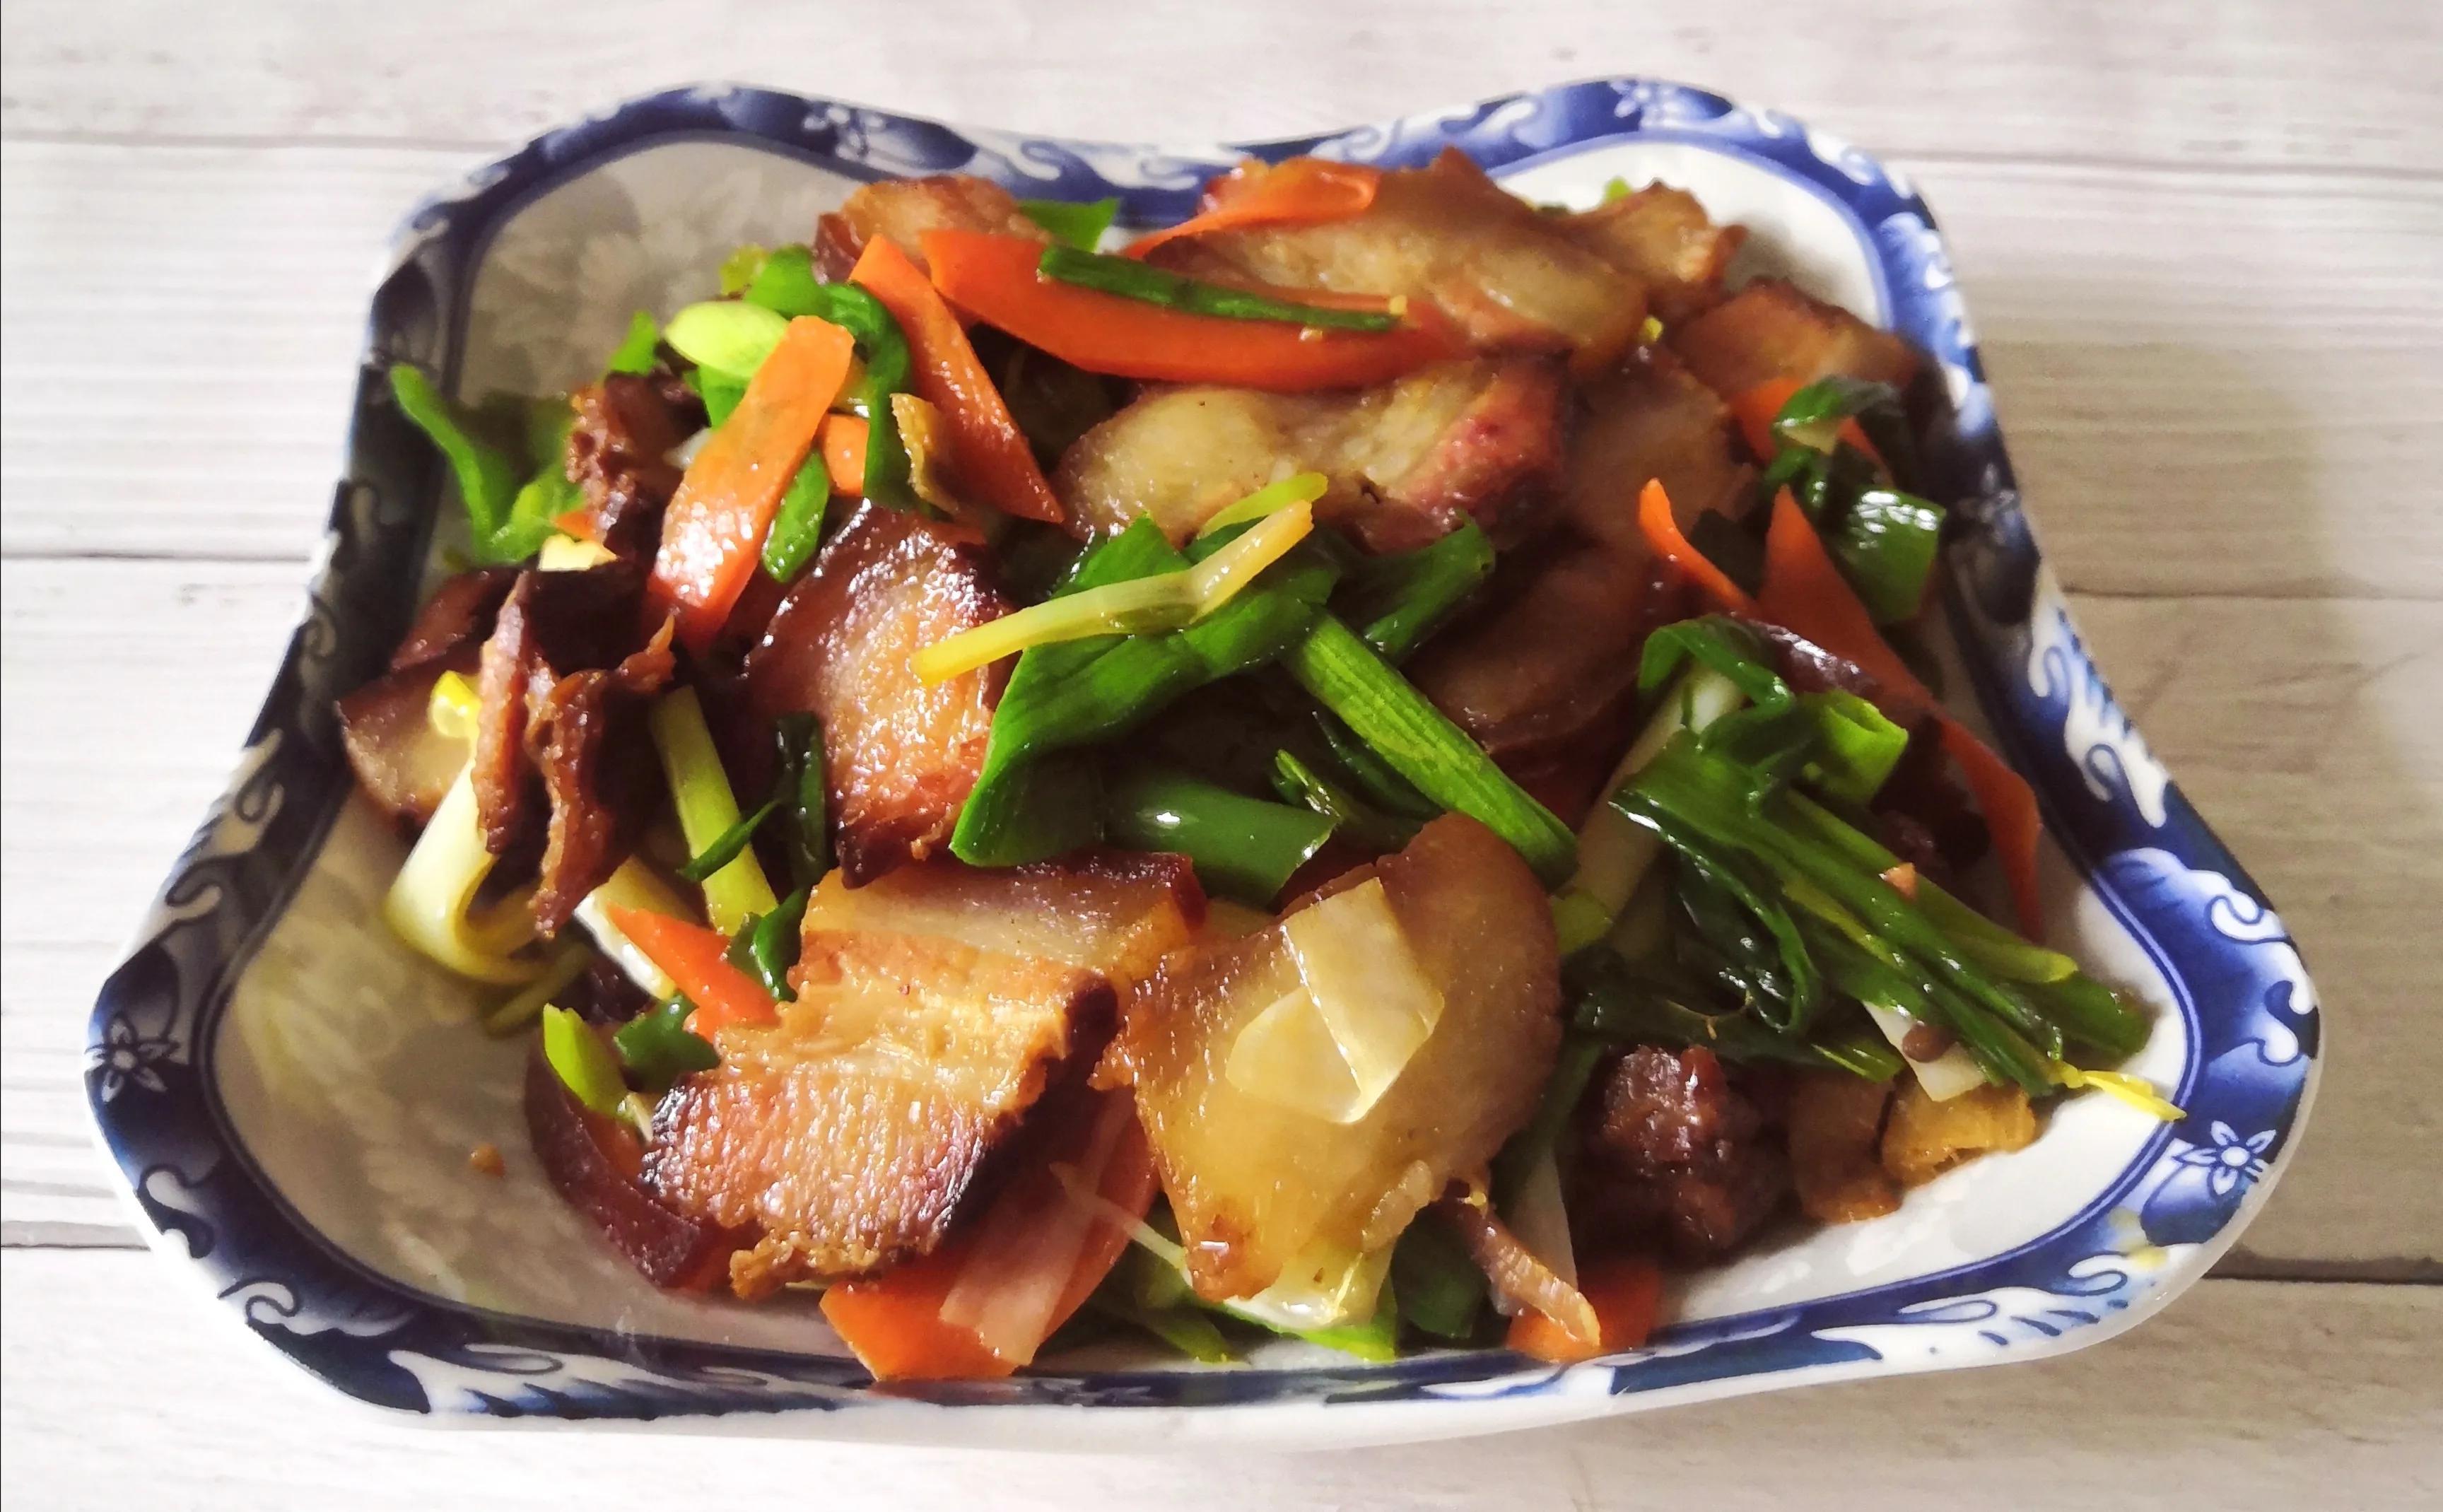 溫州特色醬油肉,在家做很方便,吃不到臘肉就用它解解饞